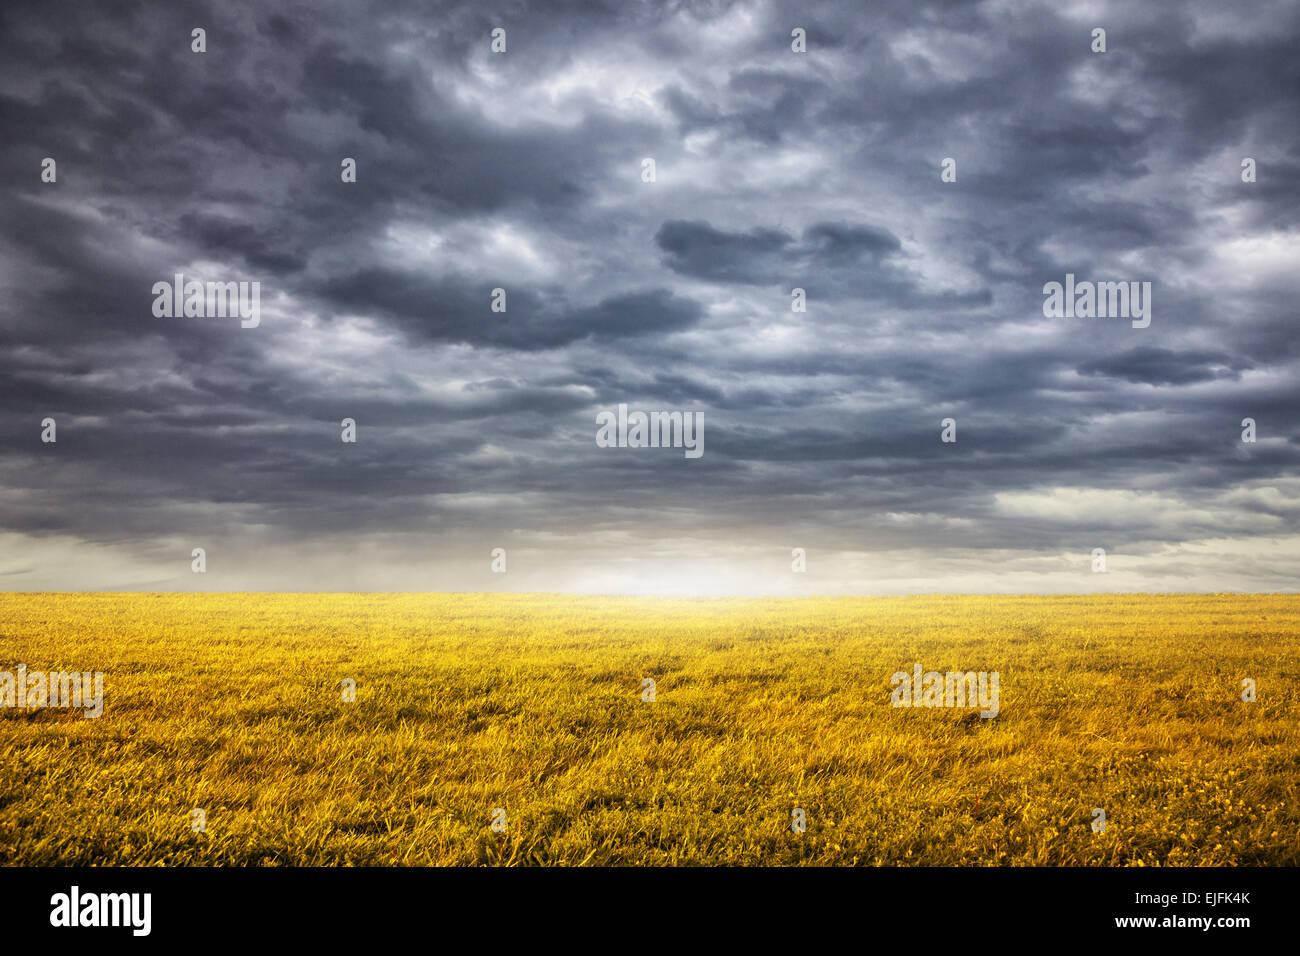 Campo con erba gialla a nuvoloso drammatico sfondo cielo Immagini Stock